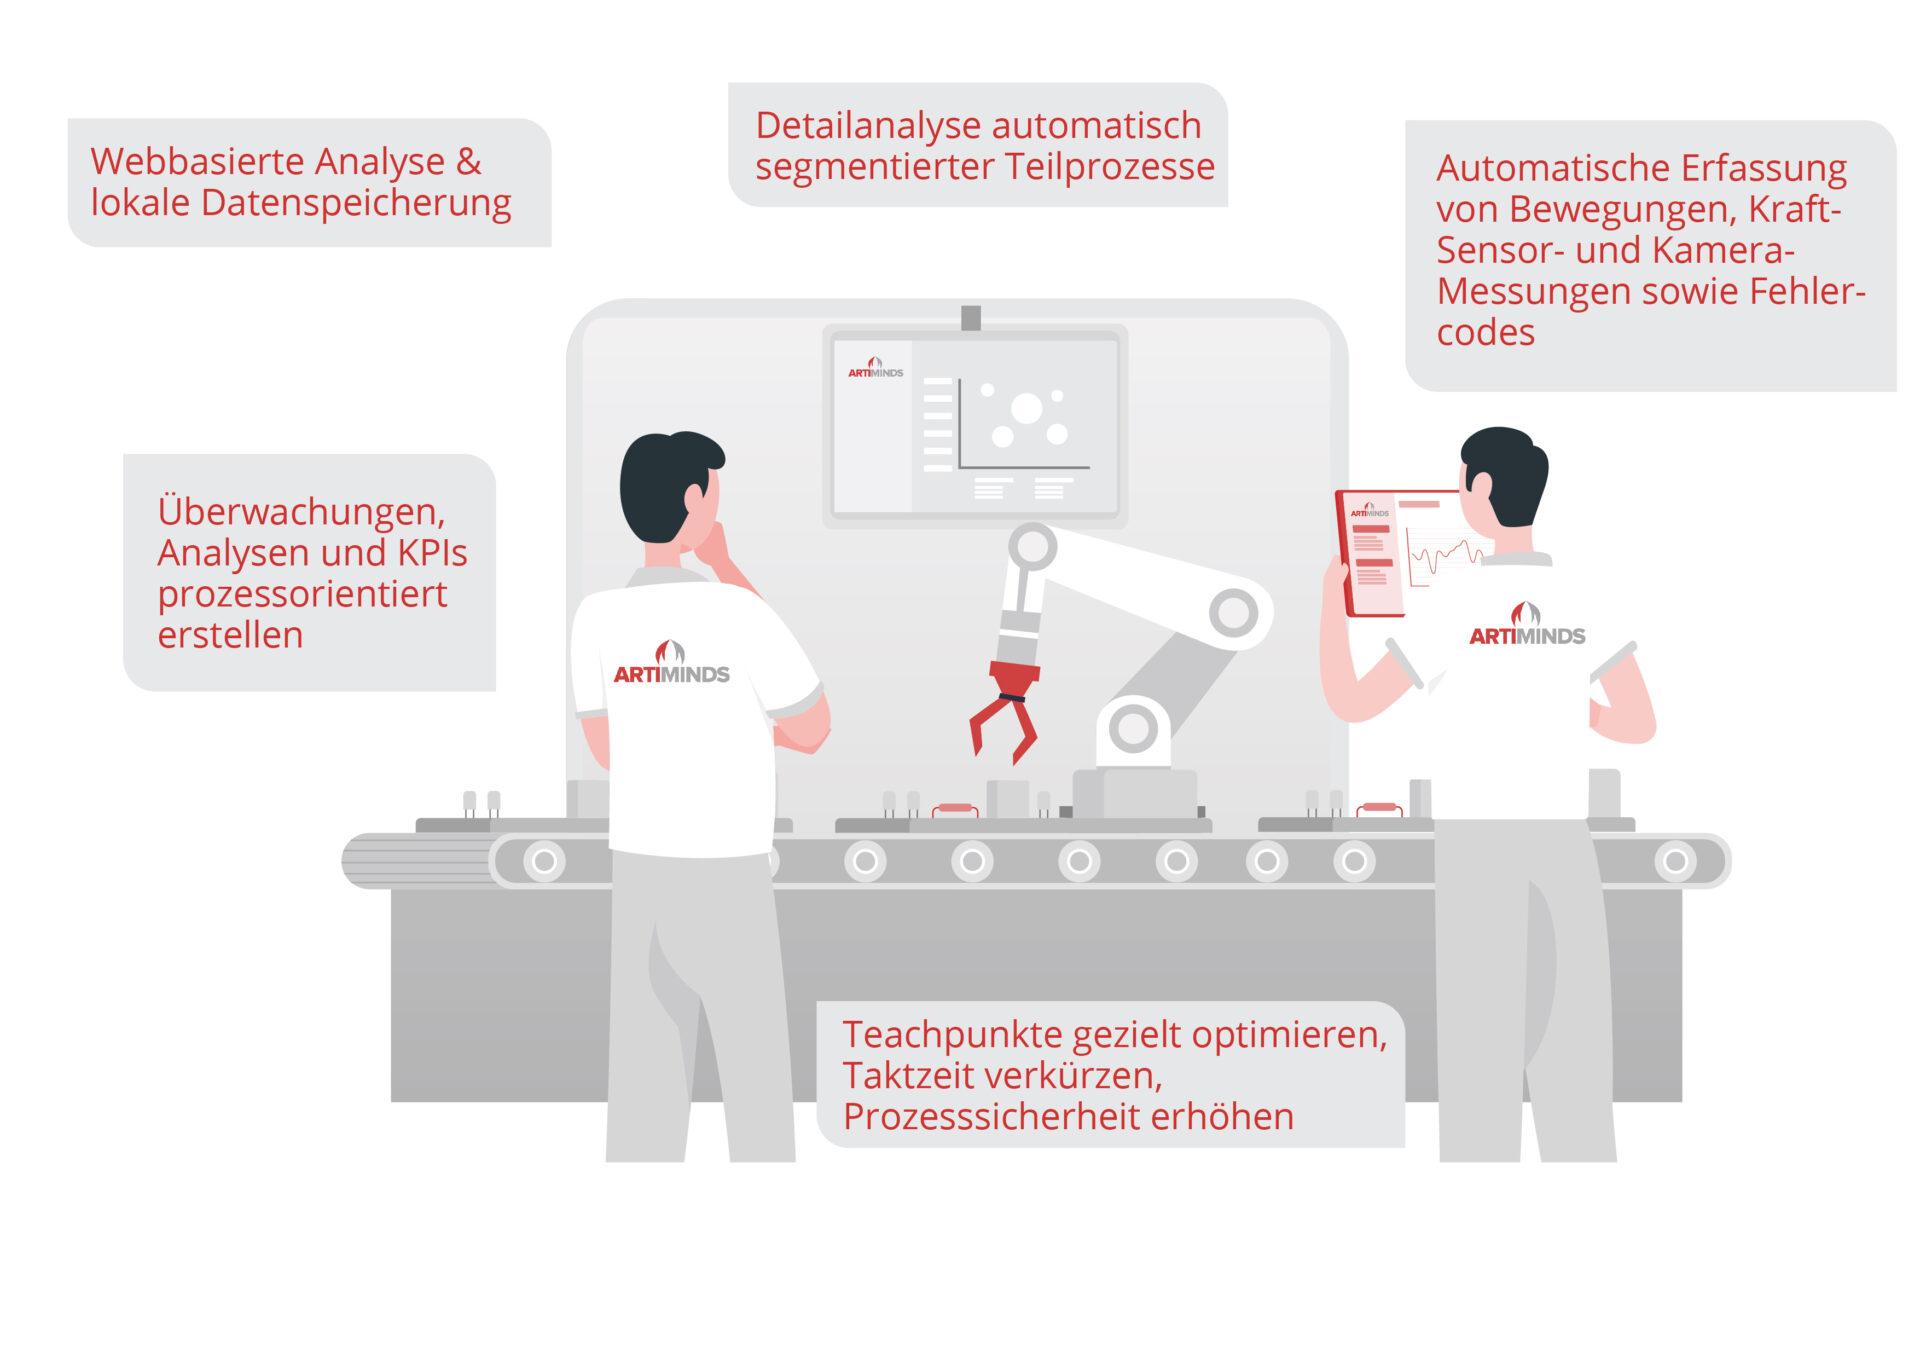 ArtiMinds Robotics – ArtiMinds LAR: Analyse und Optimierung während Inbetriebnahme und im laufenden Betrieb